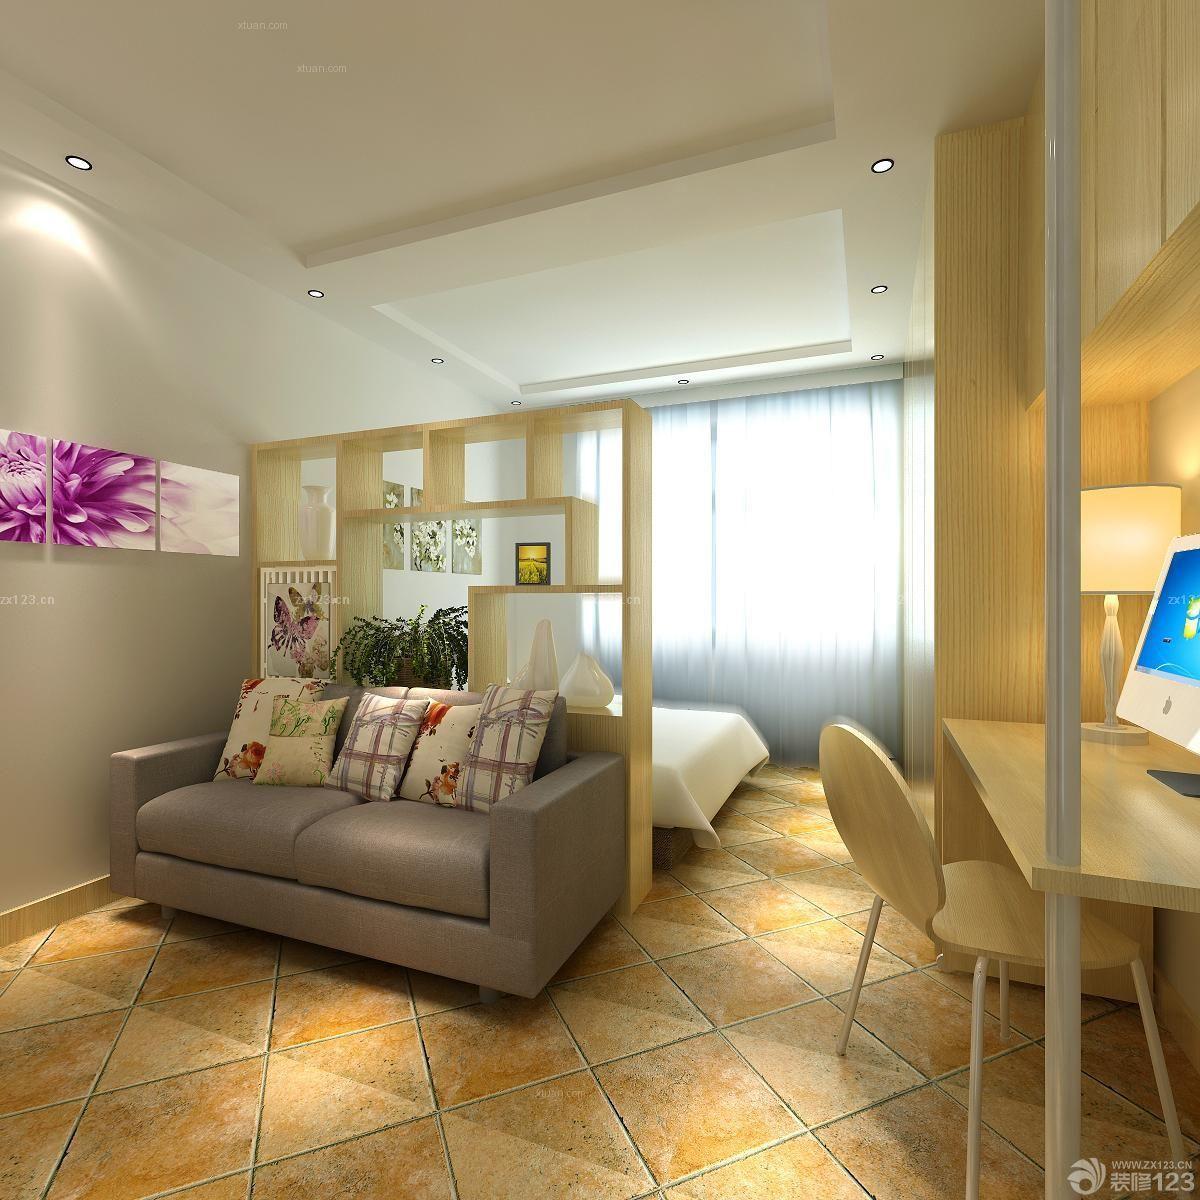 半圆形户型客厅设计图展示图片